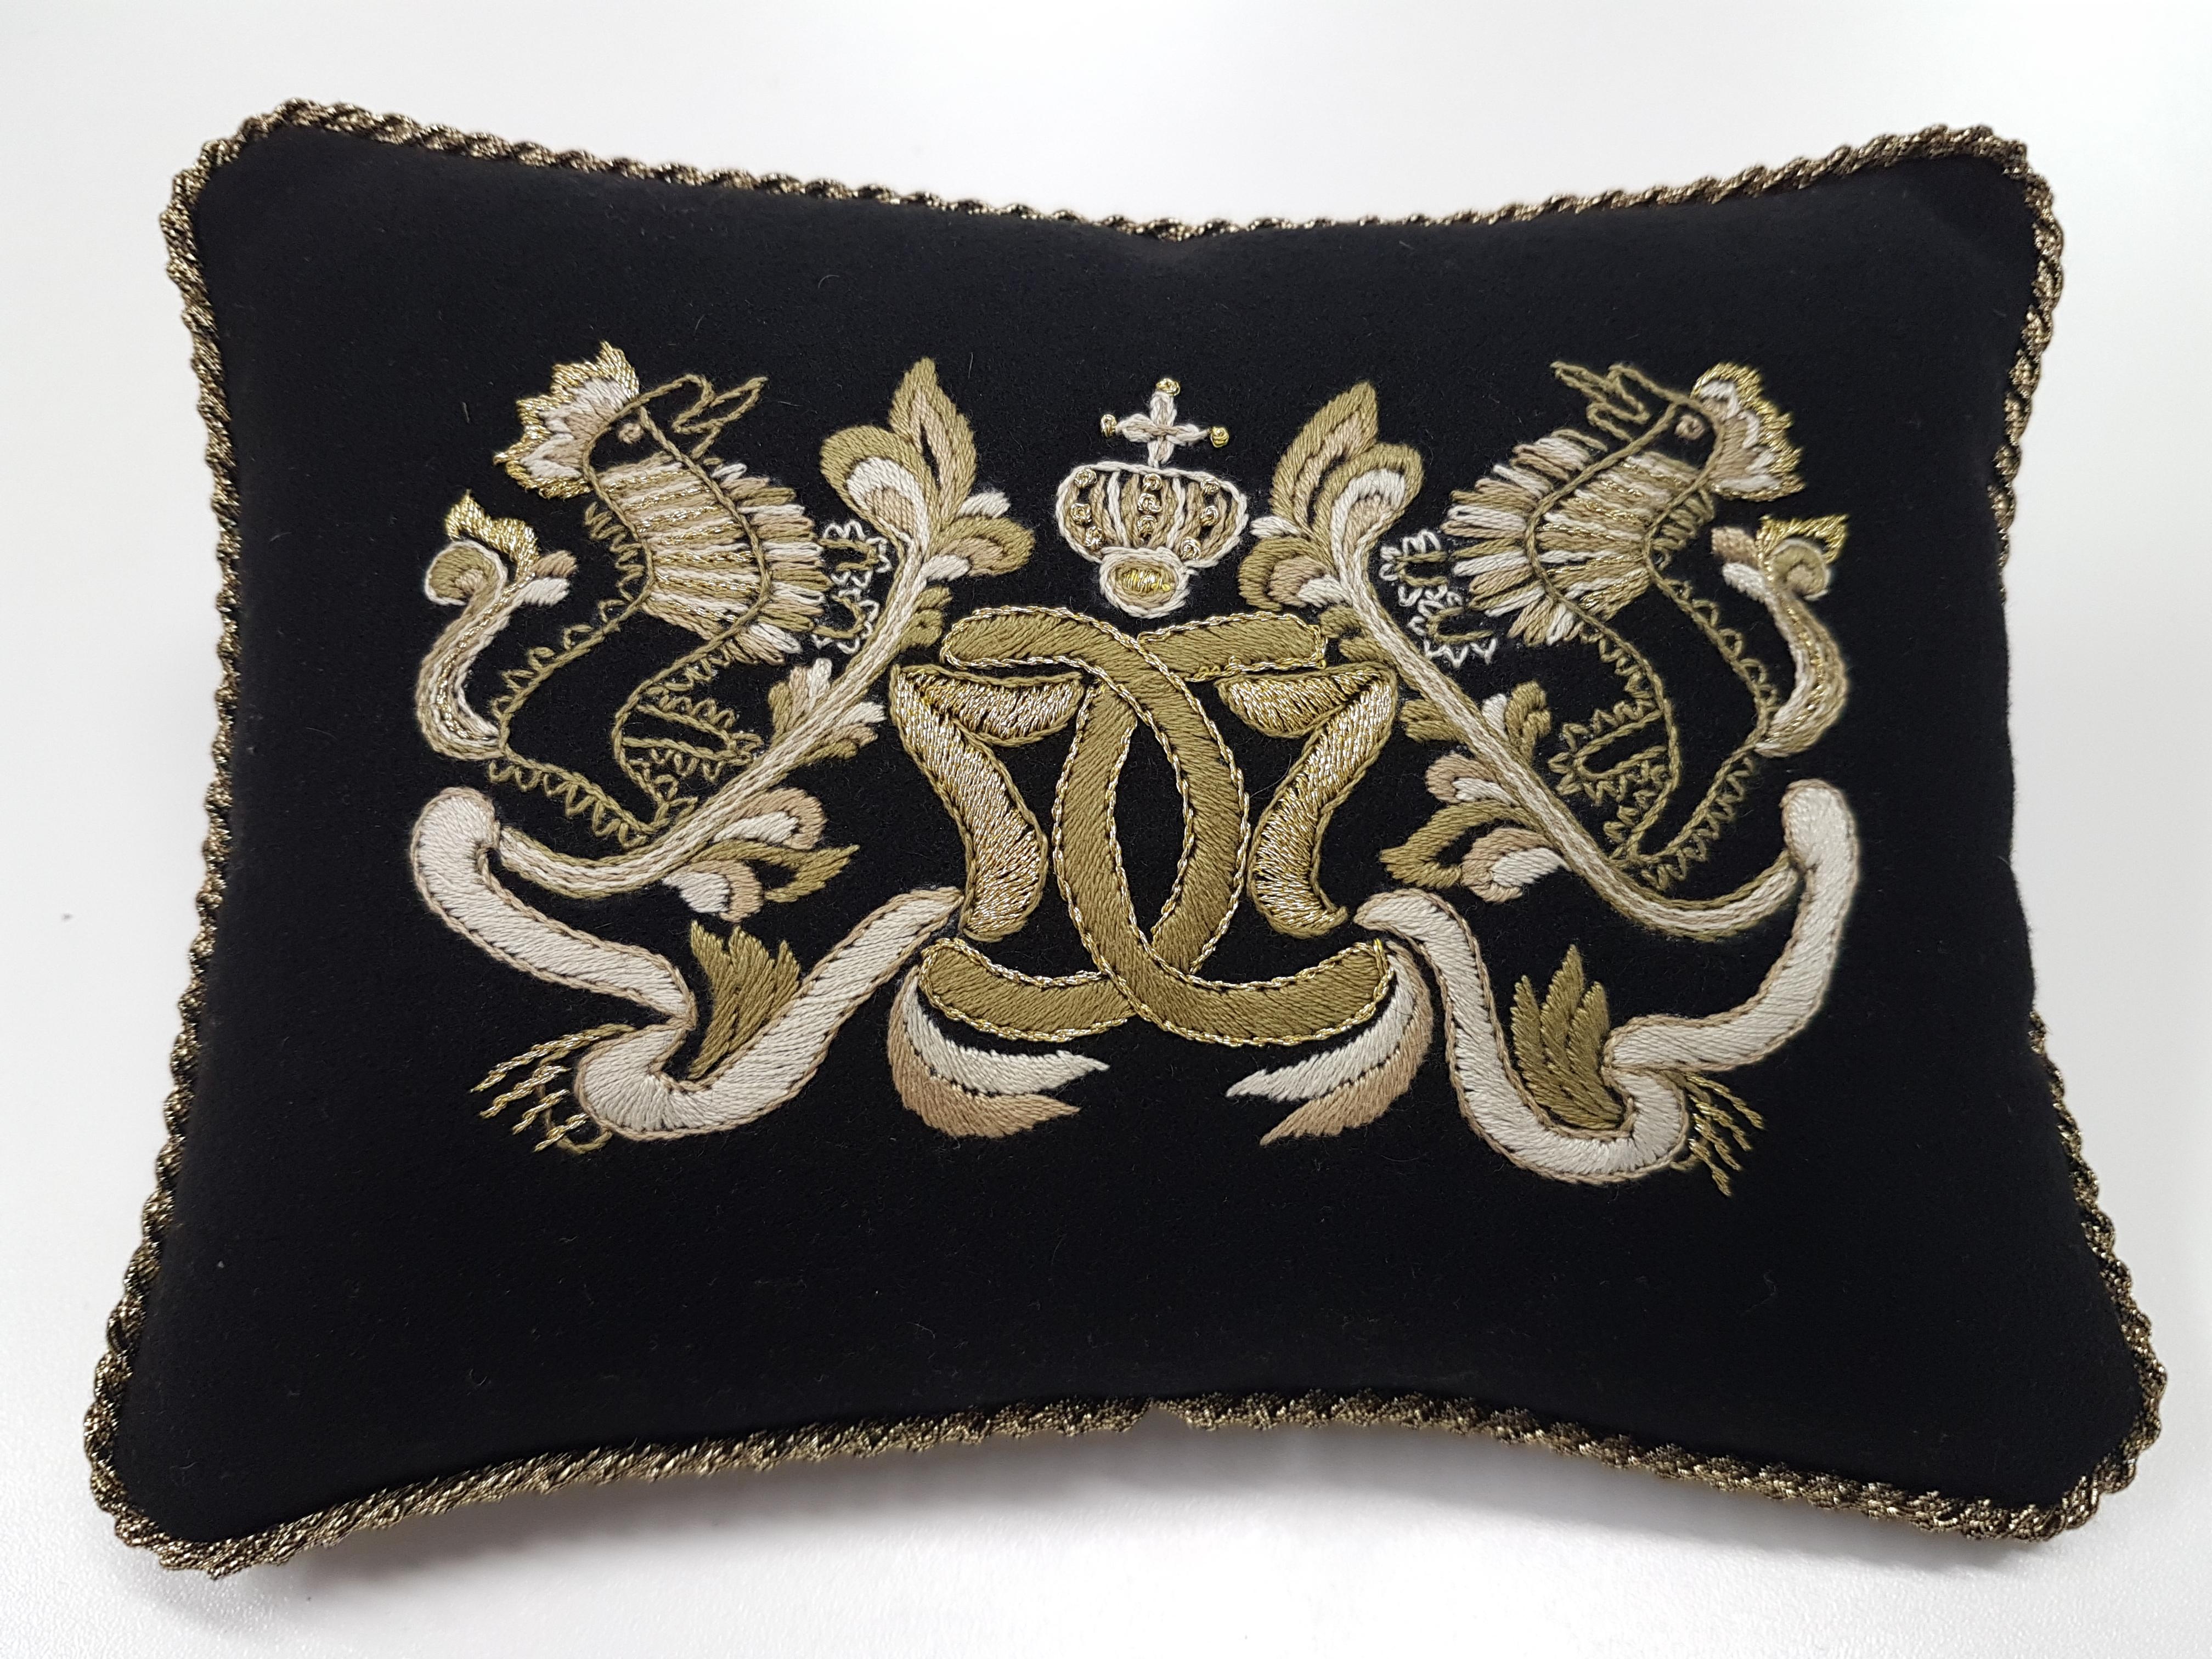 er monogrammet til kong Christian den 7. av Danmark-Norge